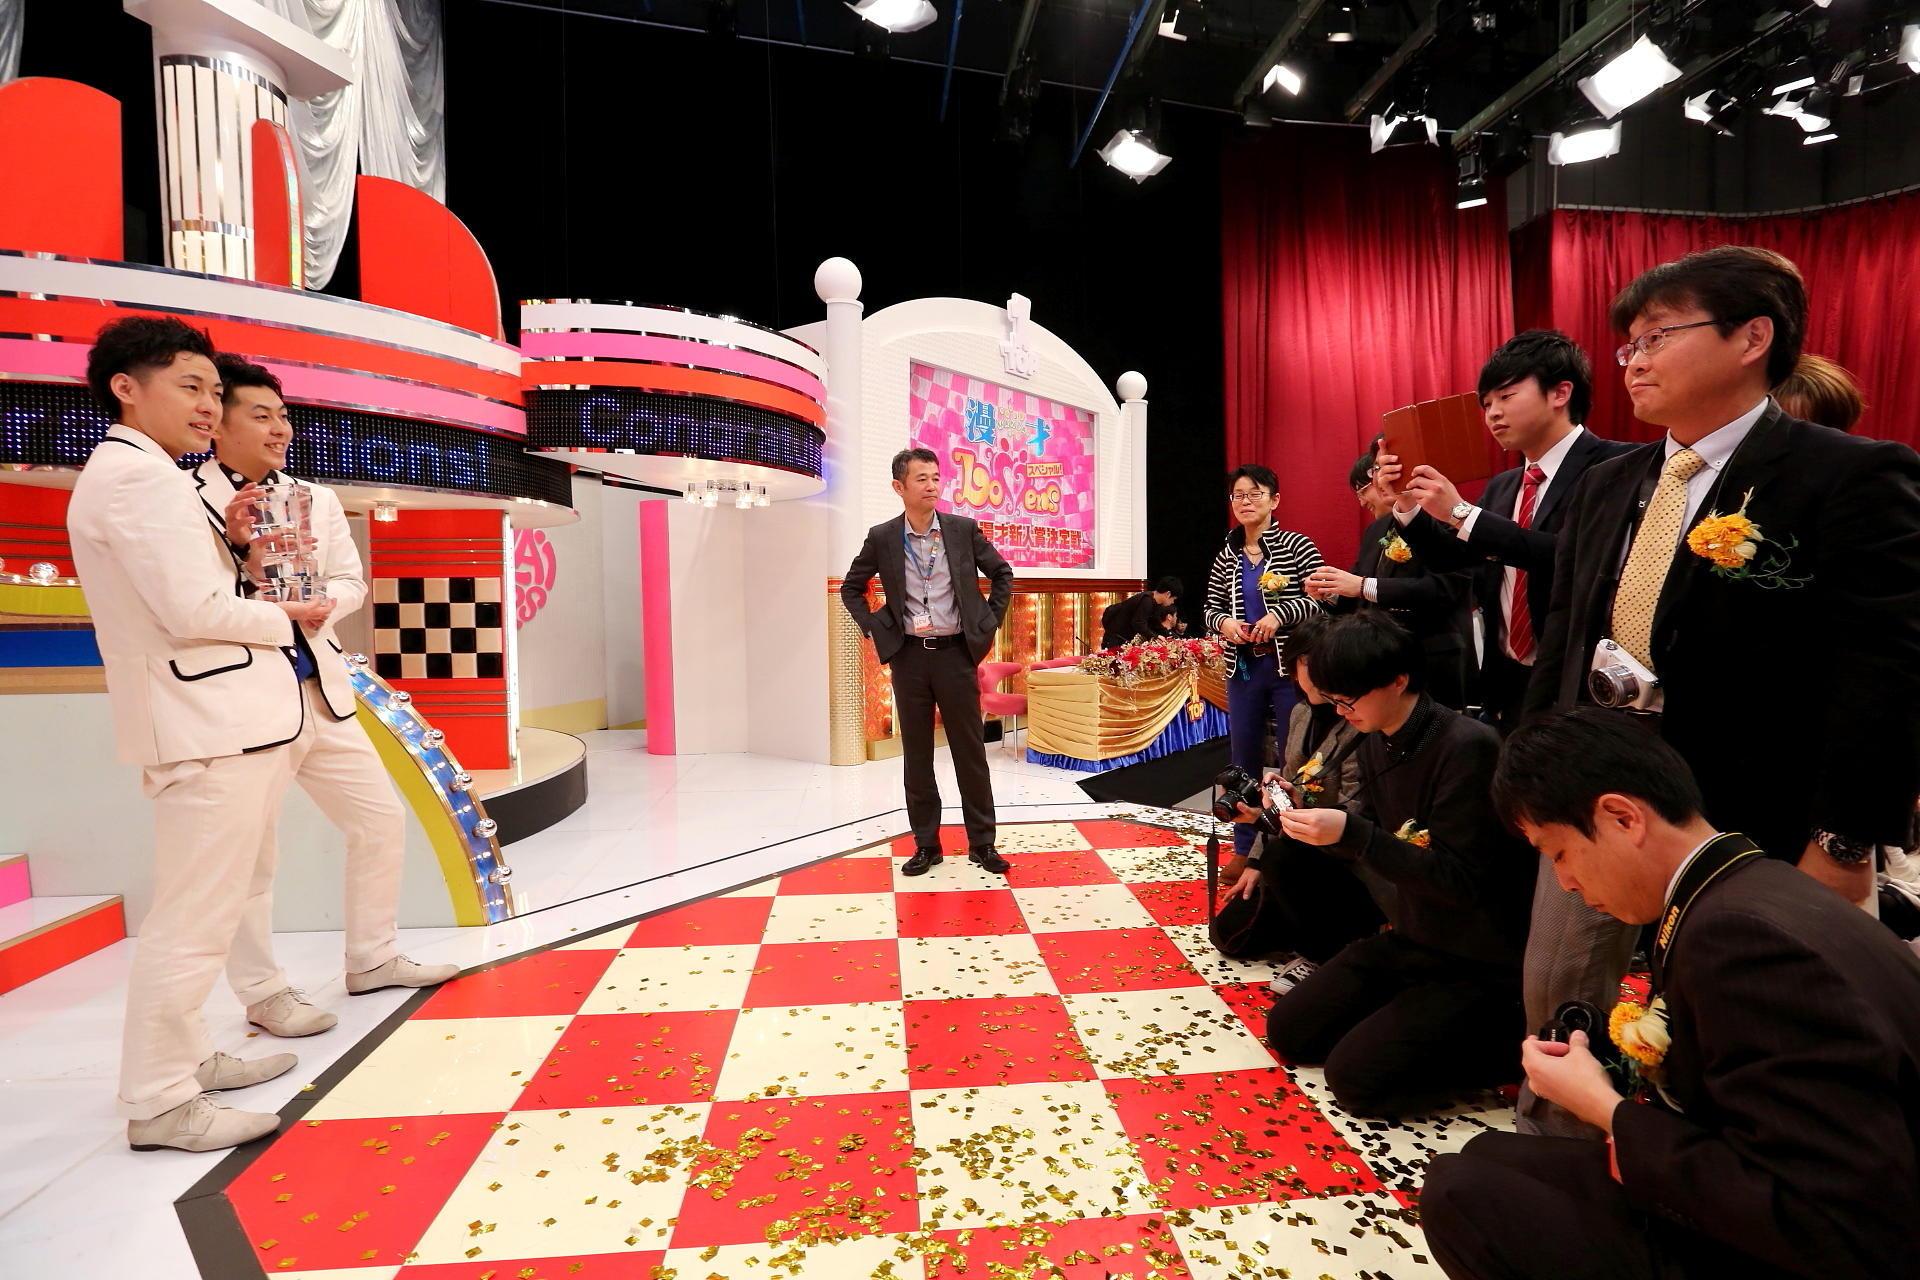 http://news.yoshimoto.co.jp/20170226202308-c3291bb3f871098a9834fe37a50e099dff48f4ab.jpg